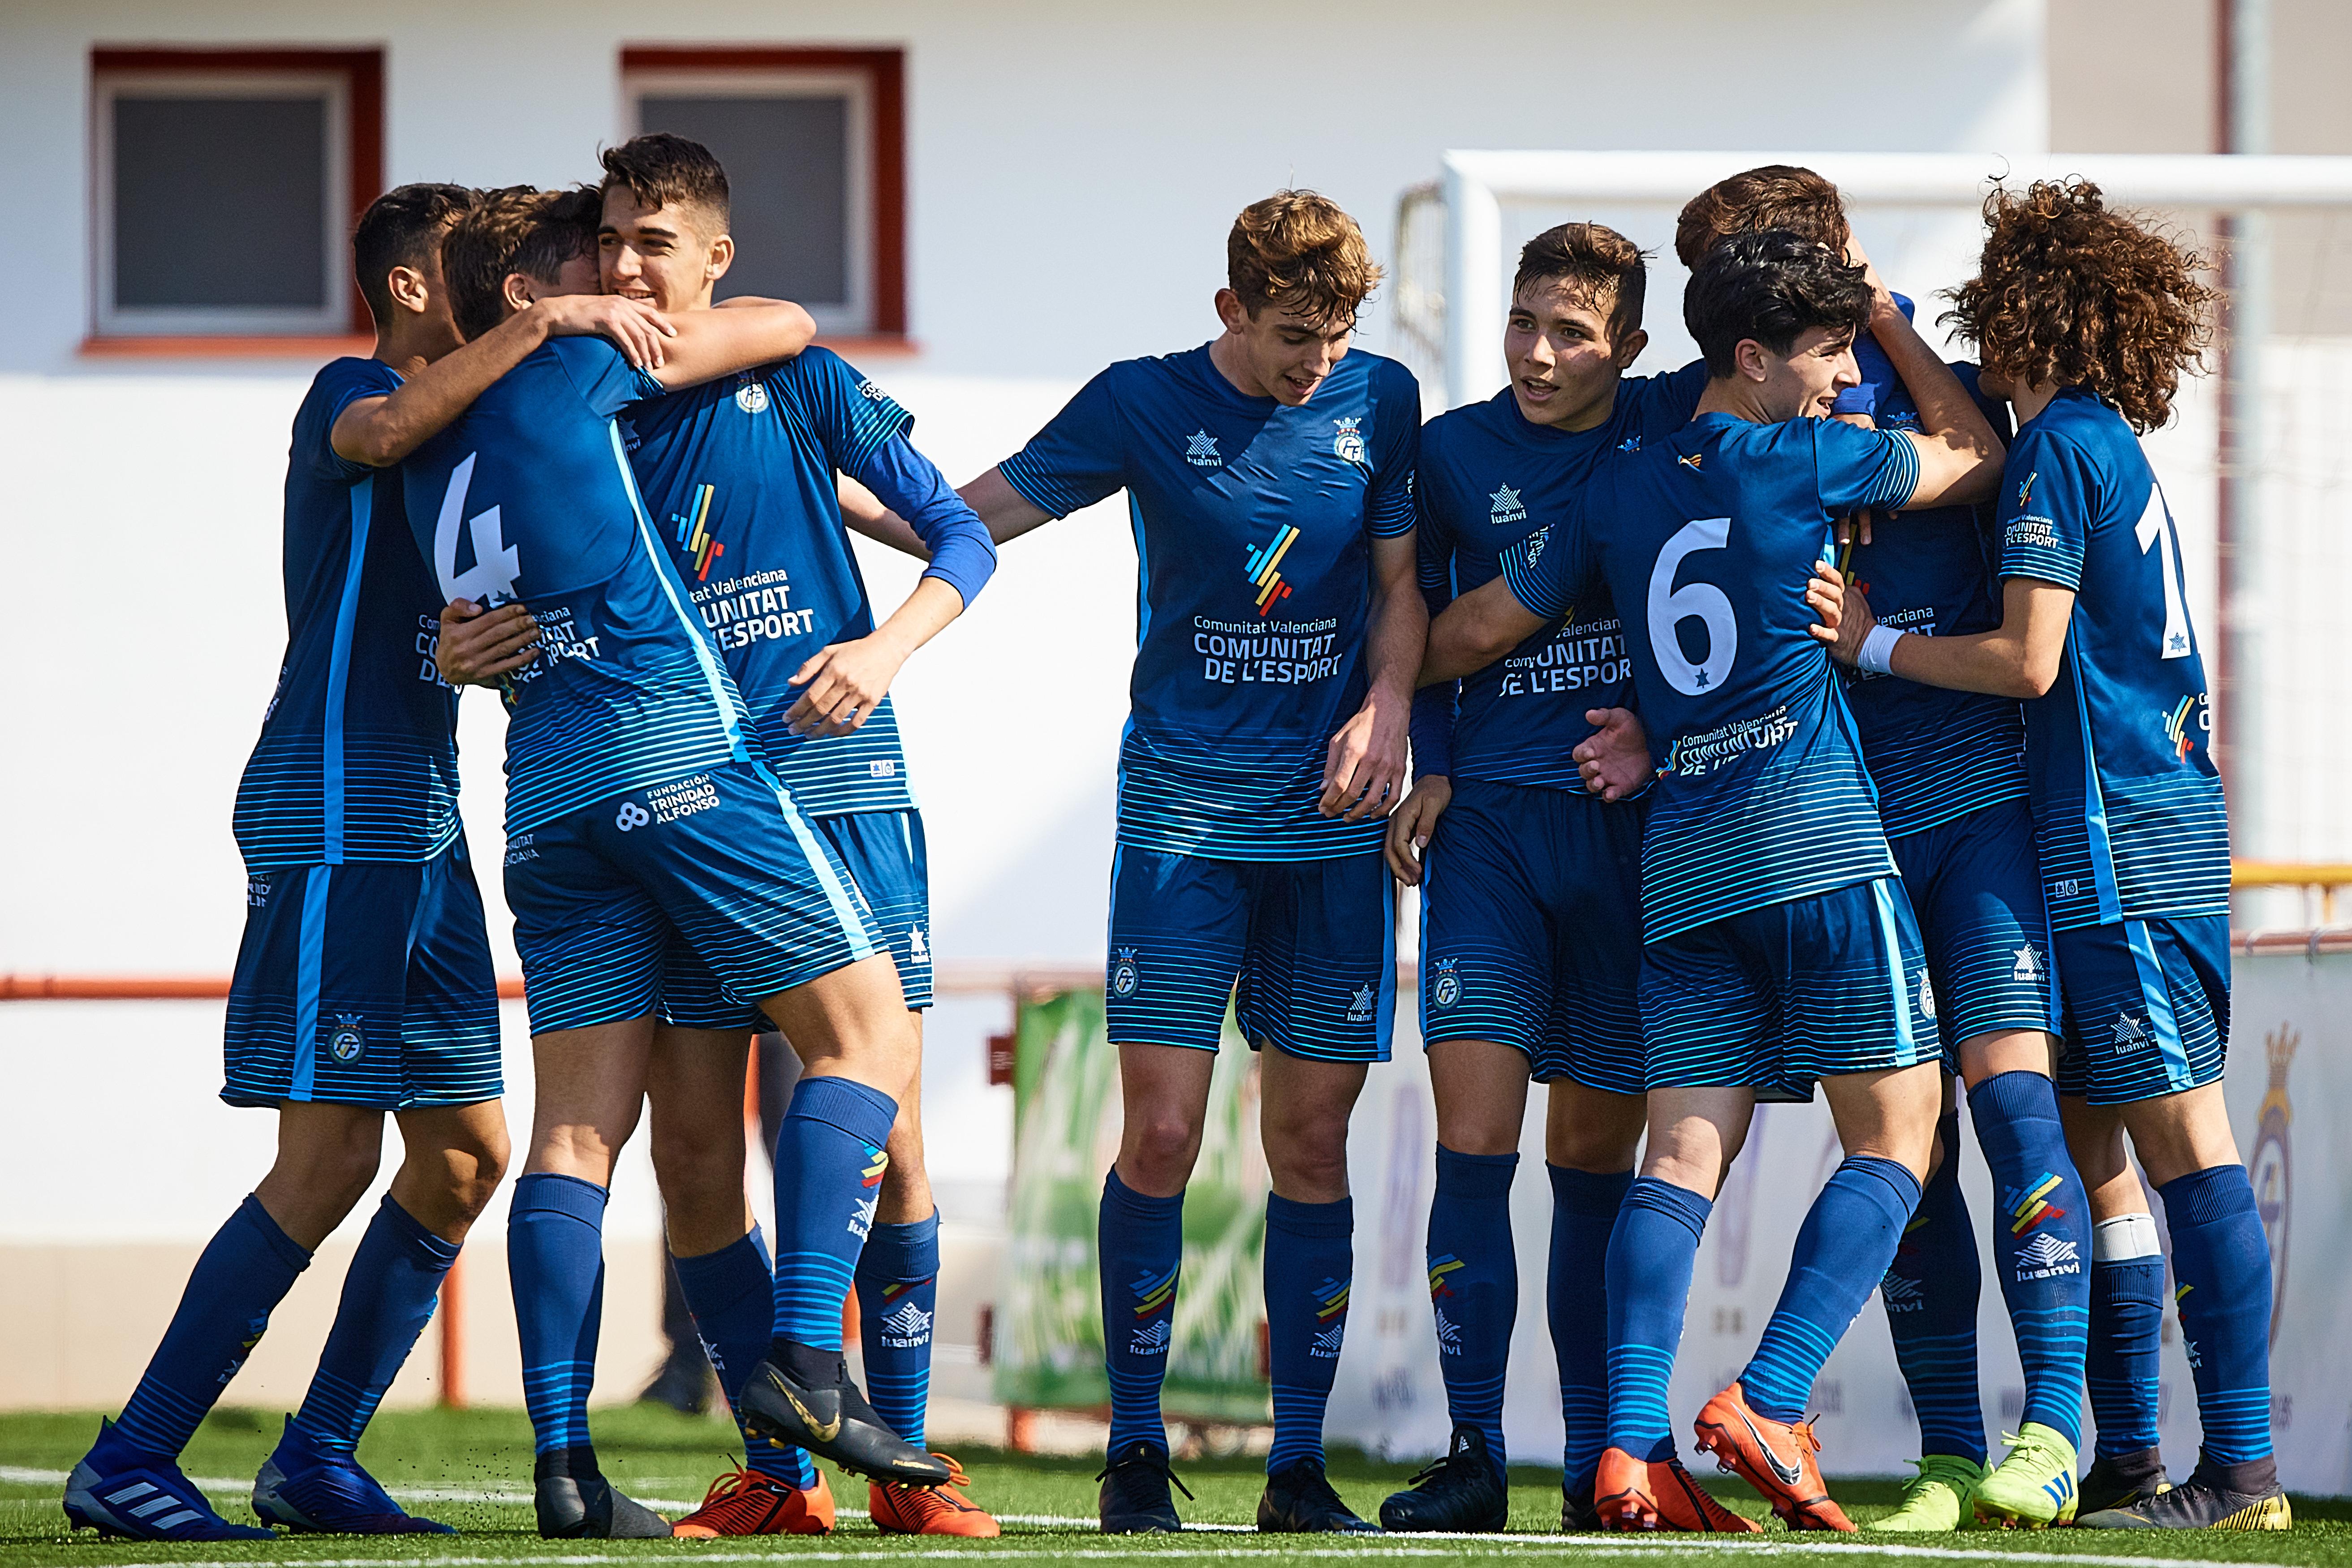 24 feb - CNSA Selección Valenciana vs Selección Euskadi sub16 - Port de Sagunt El Fornás